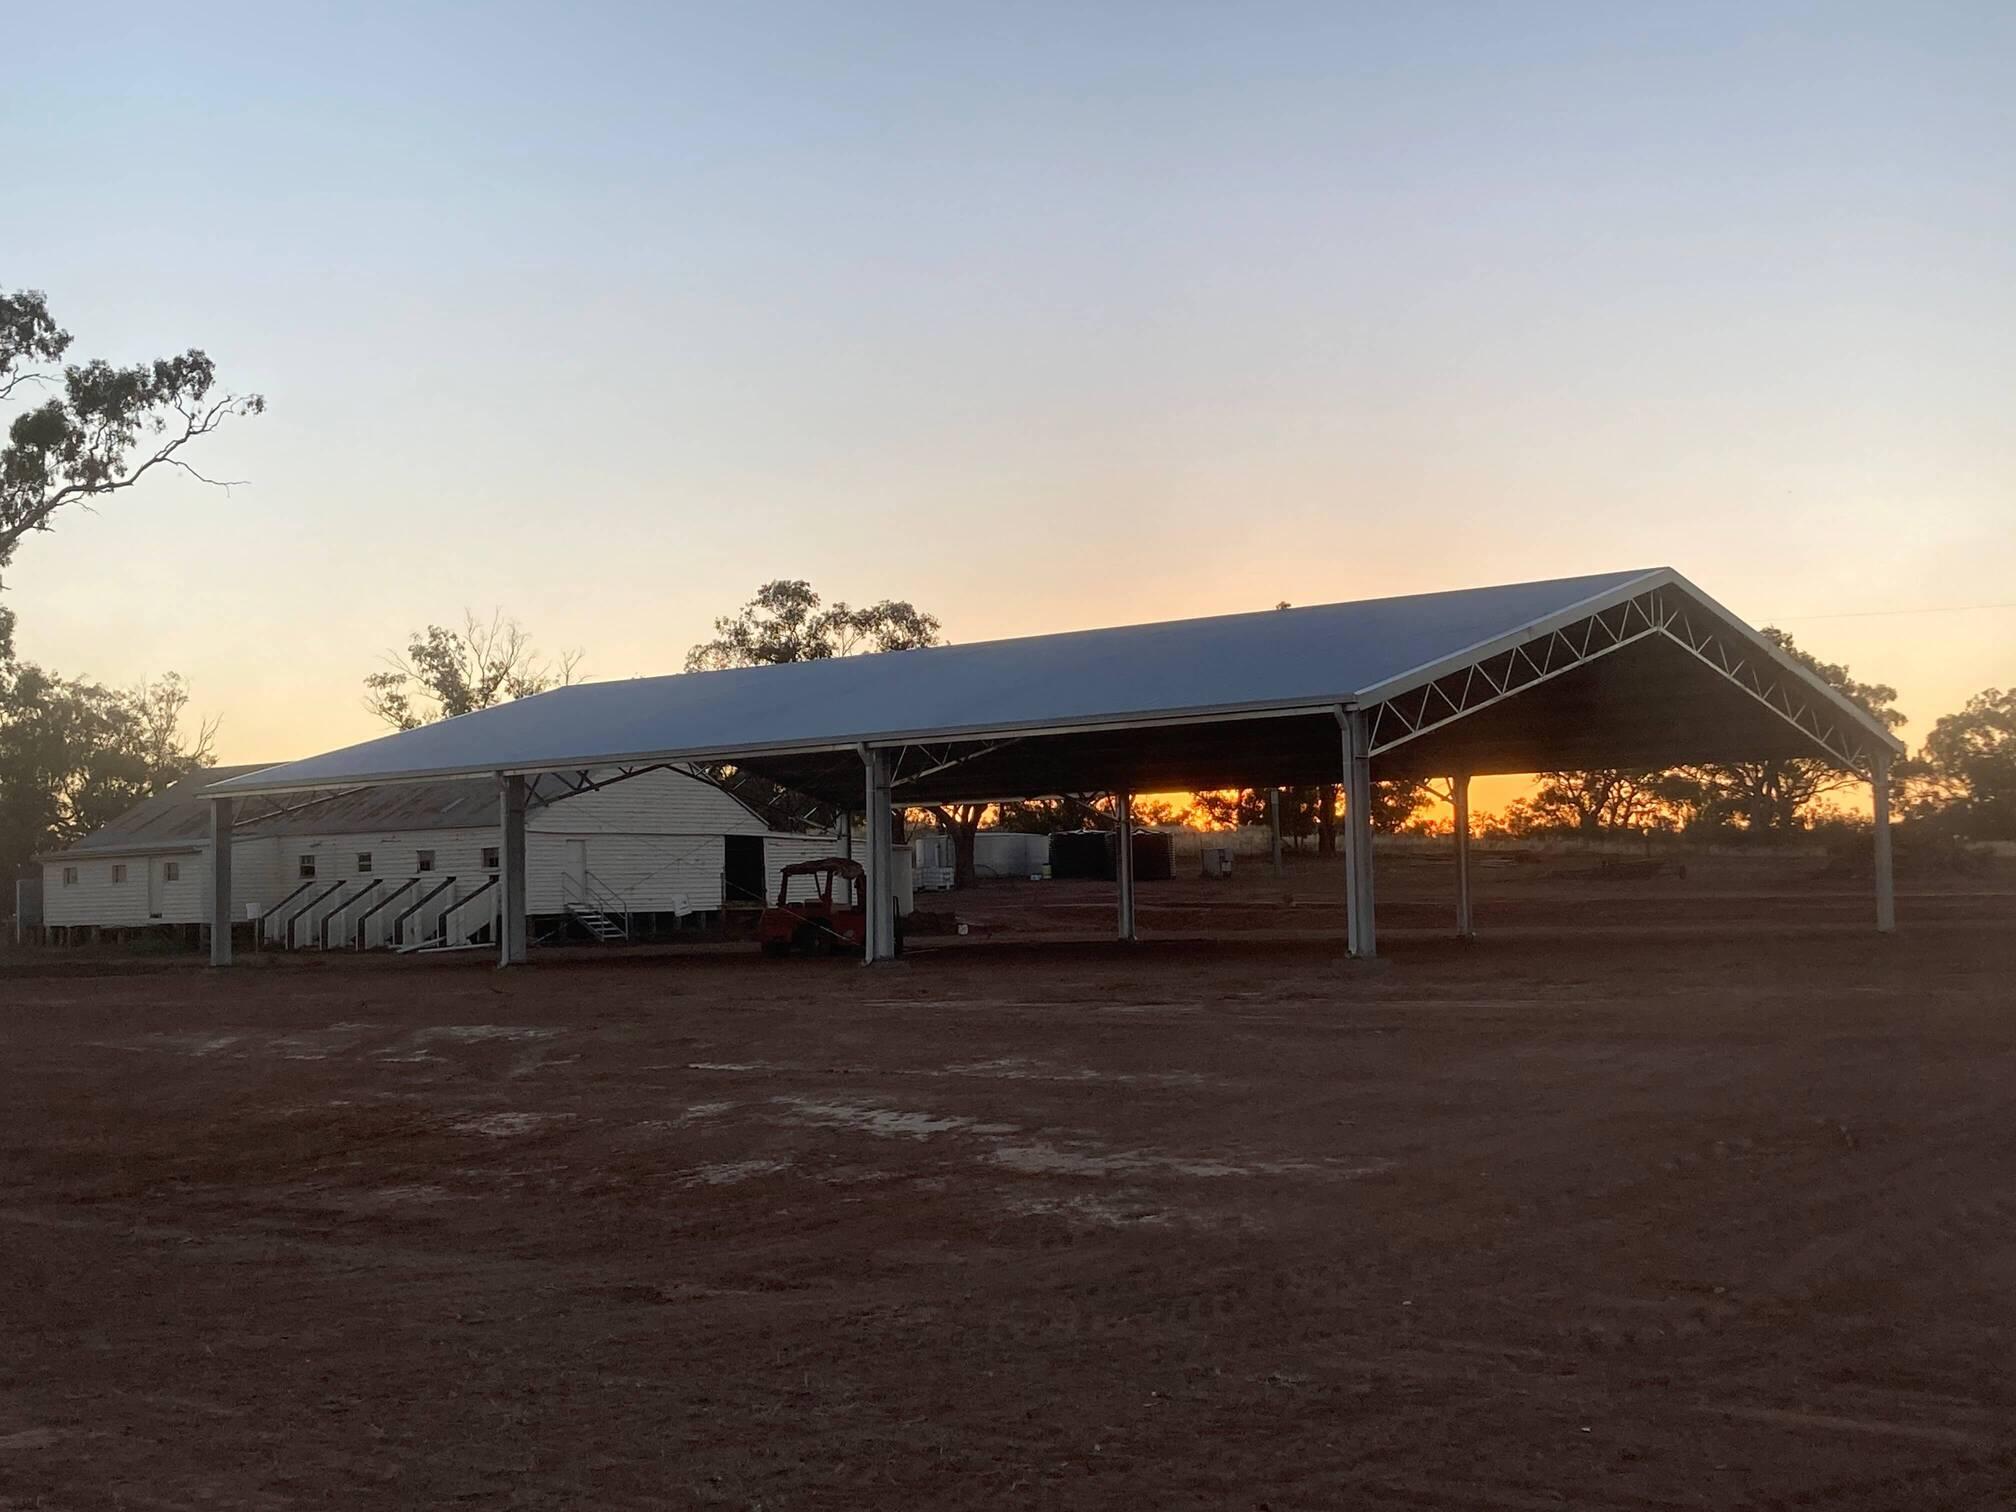 Yard cover at dusk